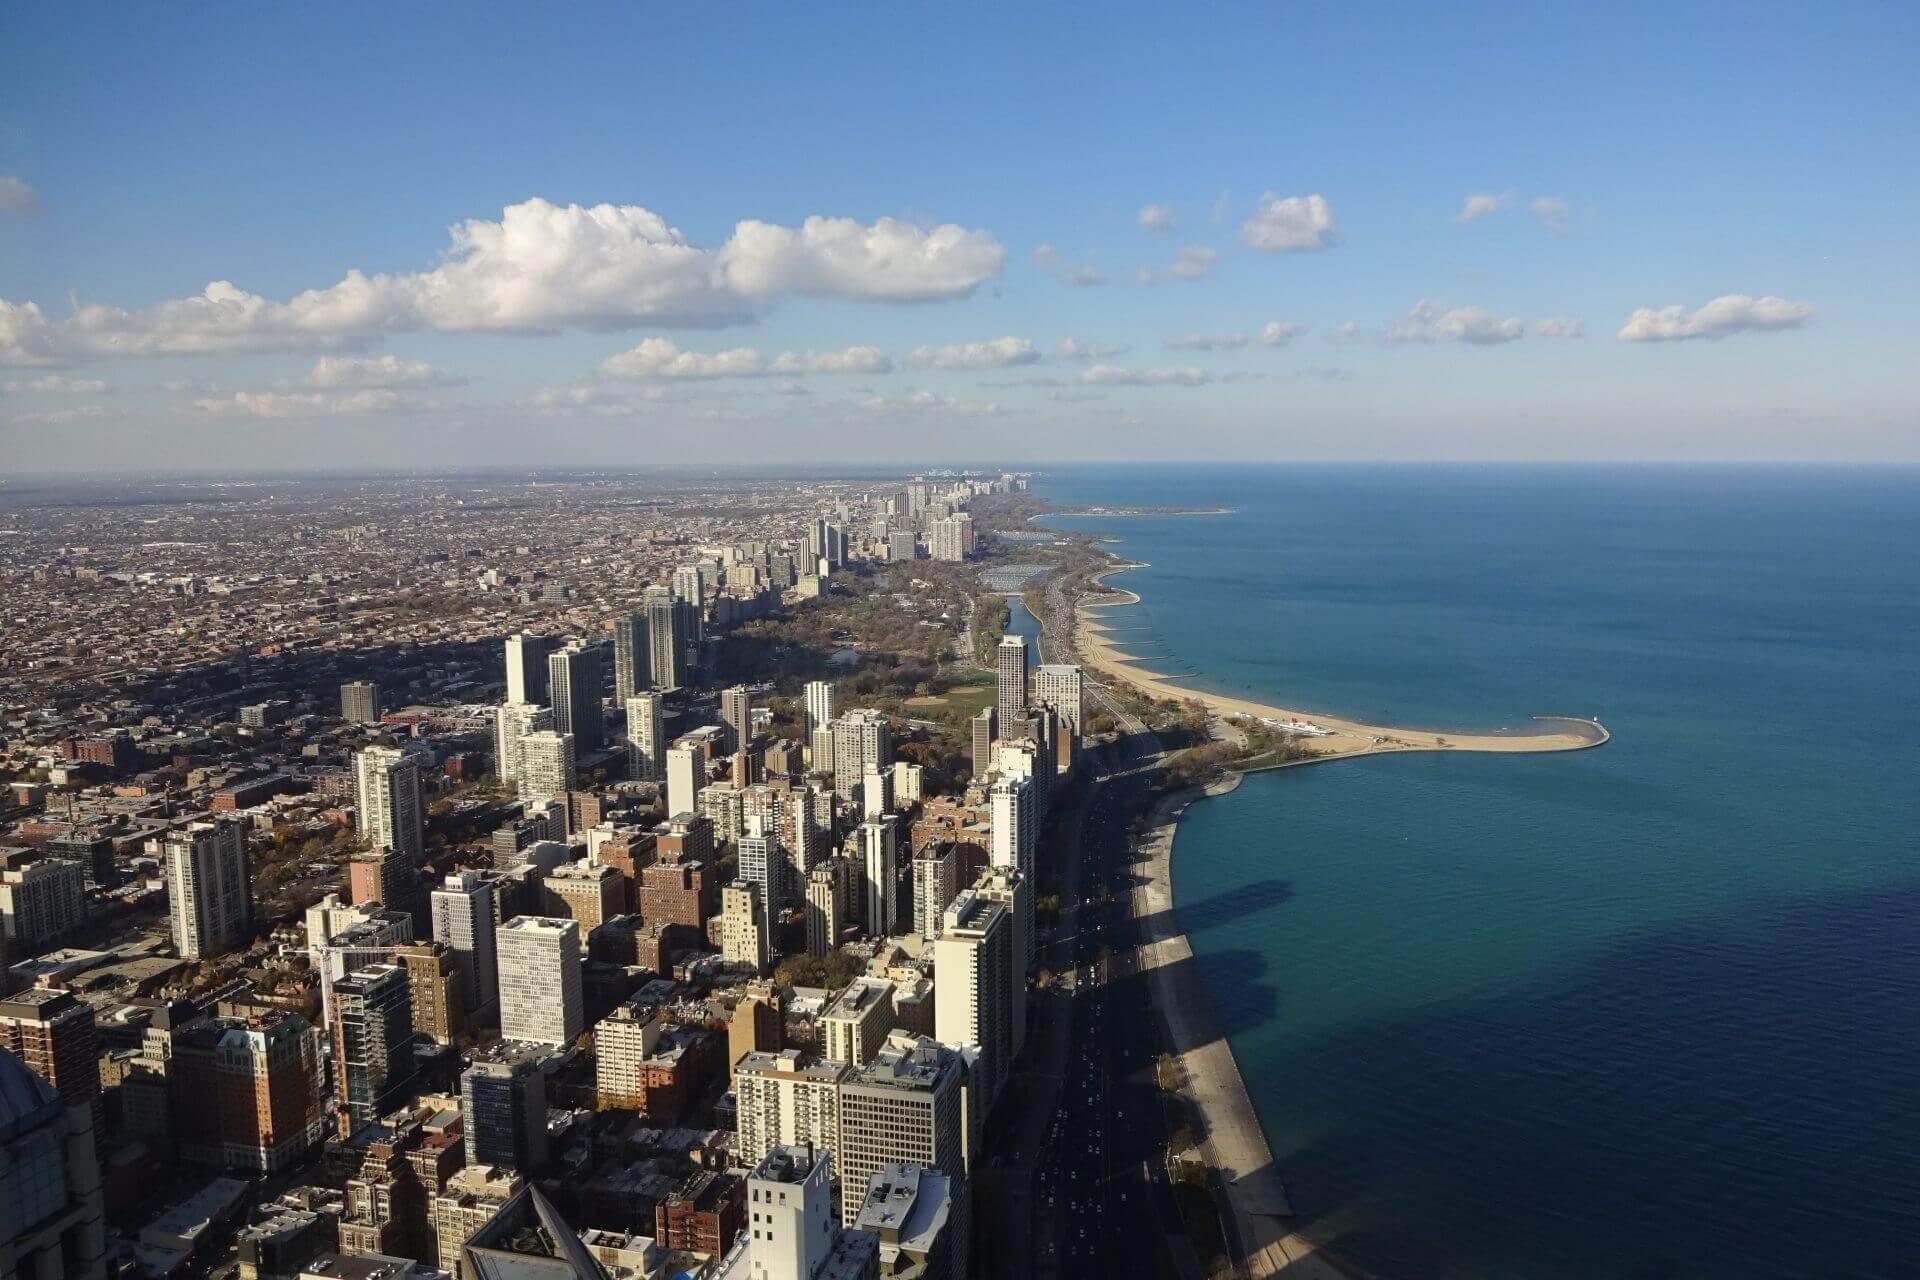 Ausblick auf die Küste des  Michigansees vom observatory im 94. Stockwerk des John Hancock Center. Bilder und Eindrücke aus Chicago, Illinois, United States.